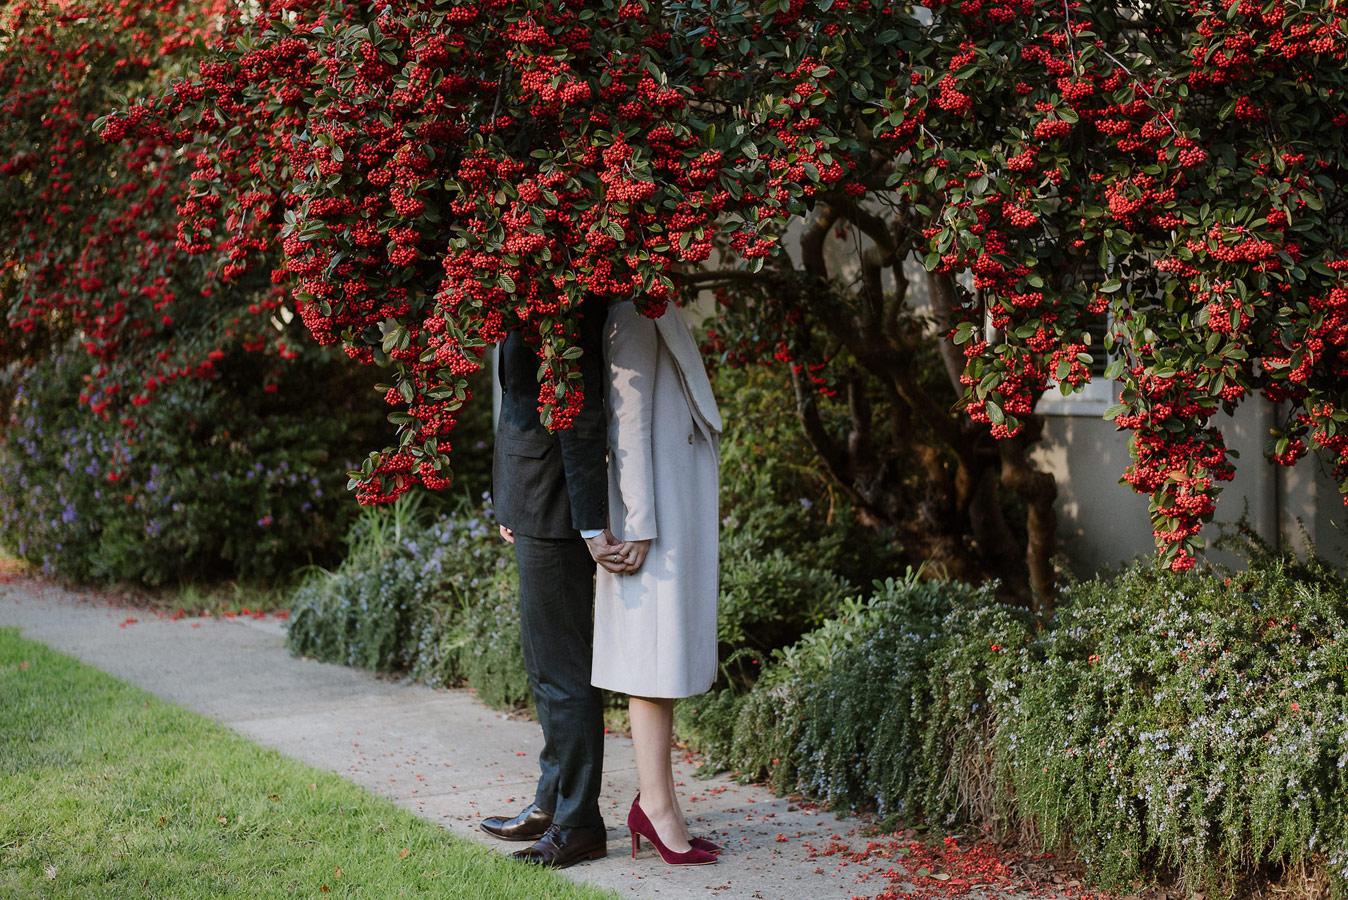 Без названия, © Хелена и Лоран / Helena and Laurent, США, Фотоконкурс «Rangefinder Ежегодник»